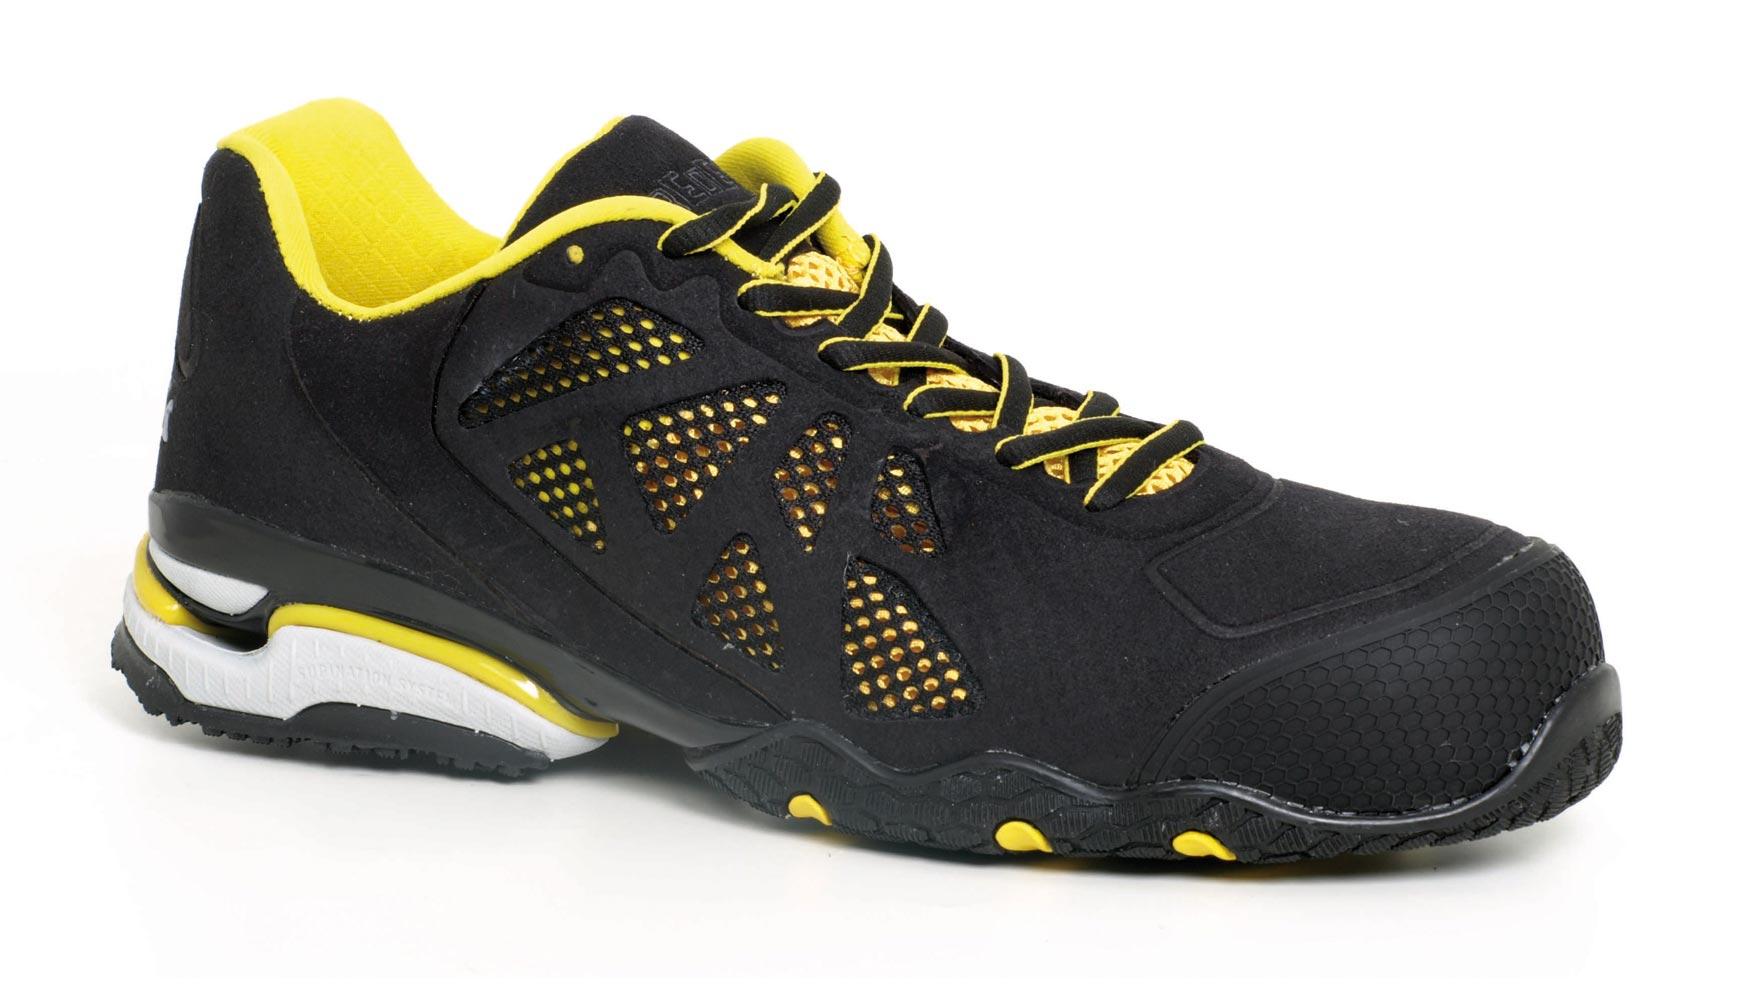 el deporte de alta competici n inspira el calzado epi de